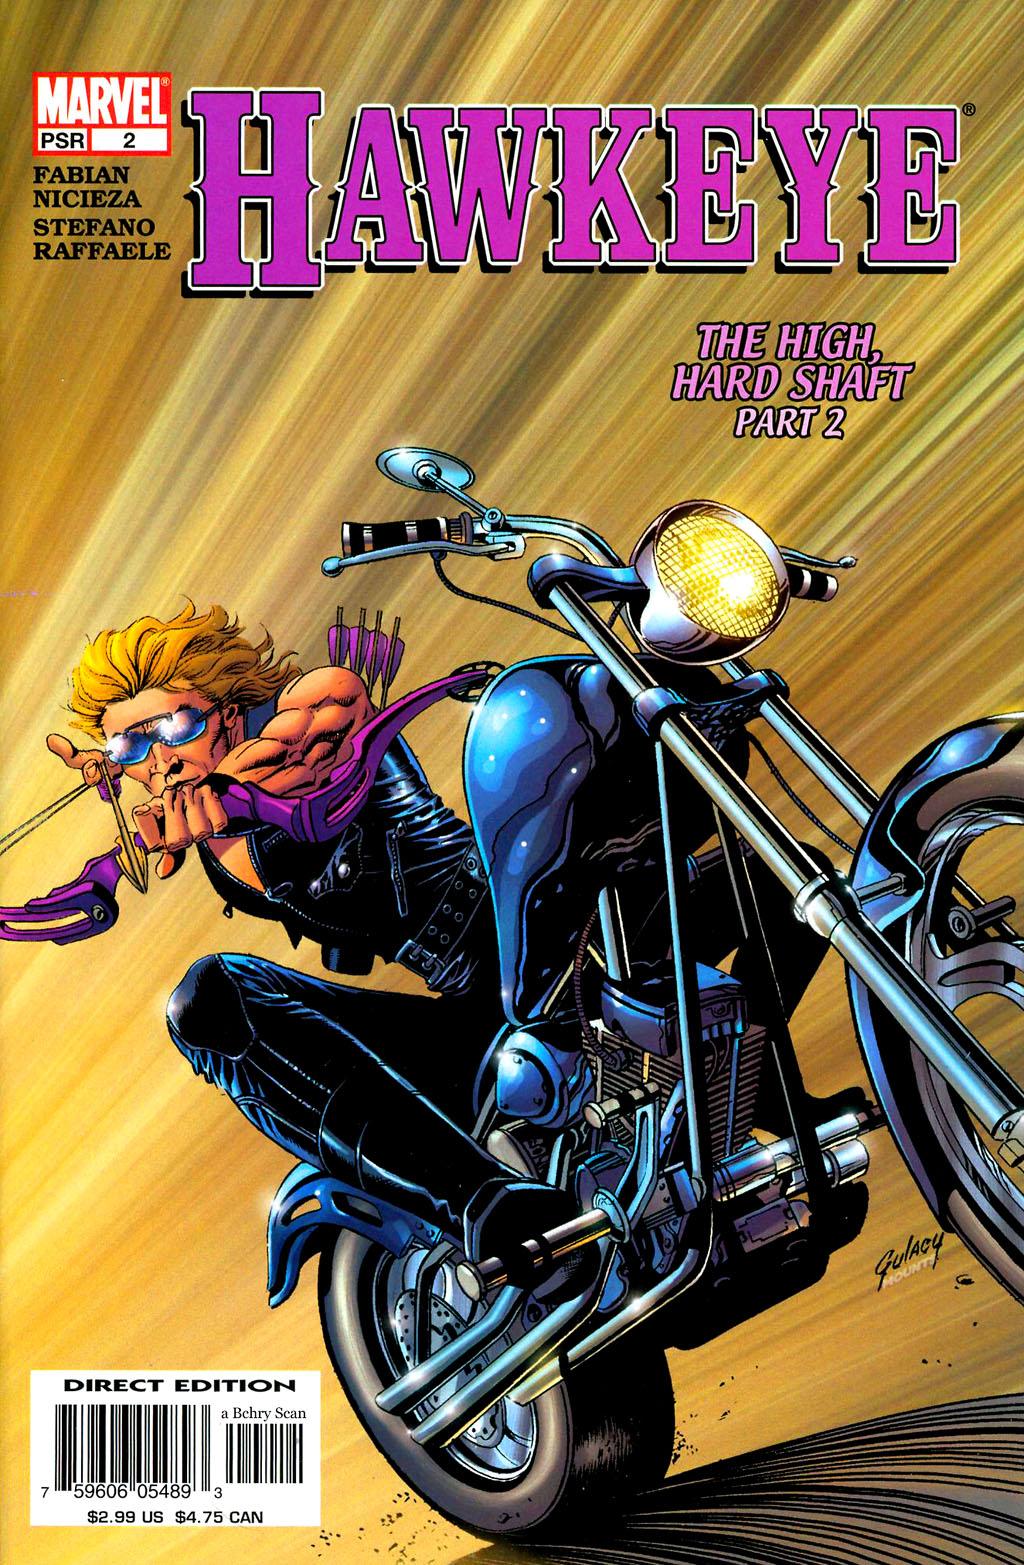 Hawkeye (2003) Issue #2 #2 - English 1